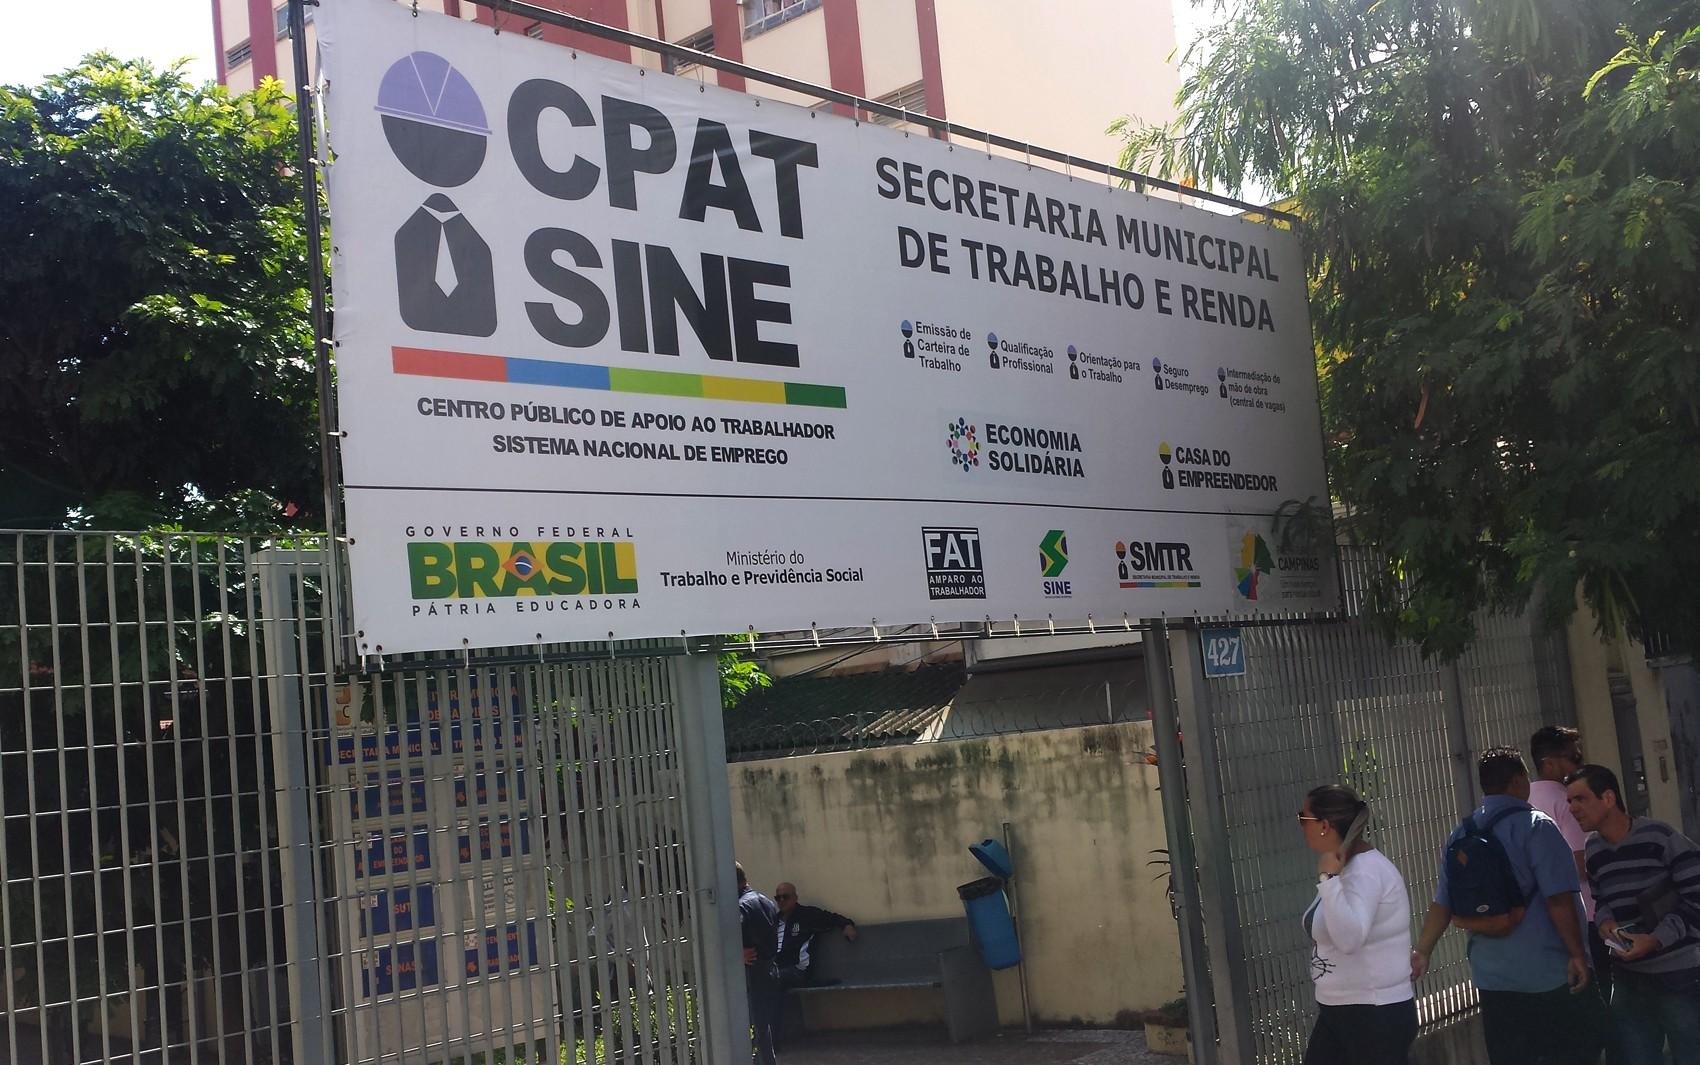 CPAT Campinas oferece 27 vagas de emprego com salários de até R$ 3,5 mil; veja lista